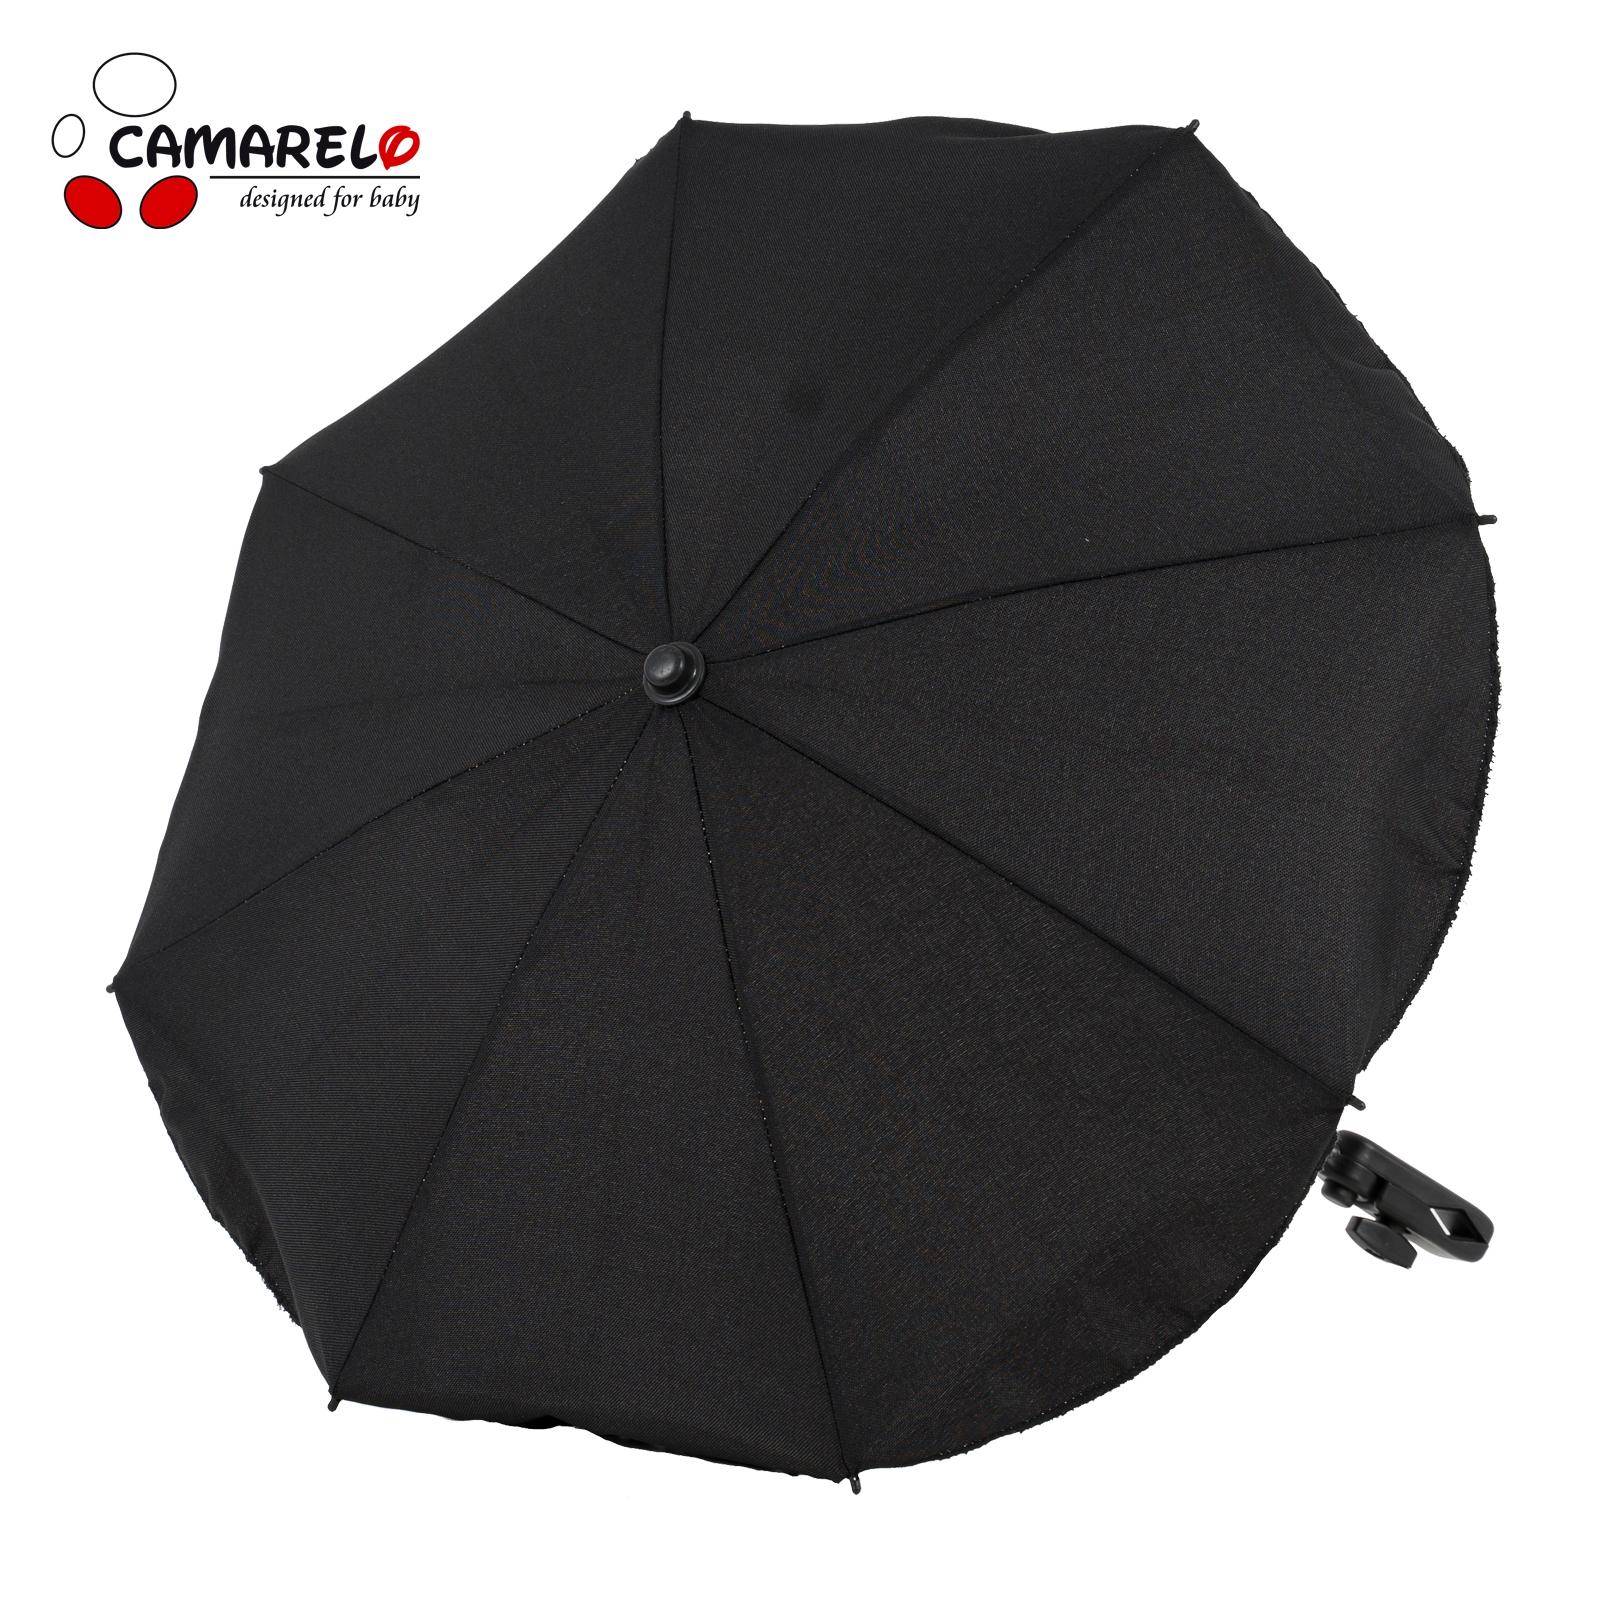 Umbrela Carucior Camarelo Neagra imagine